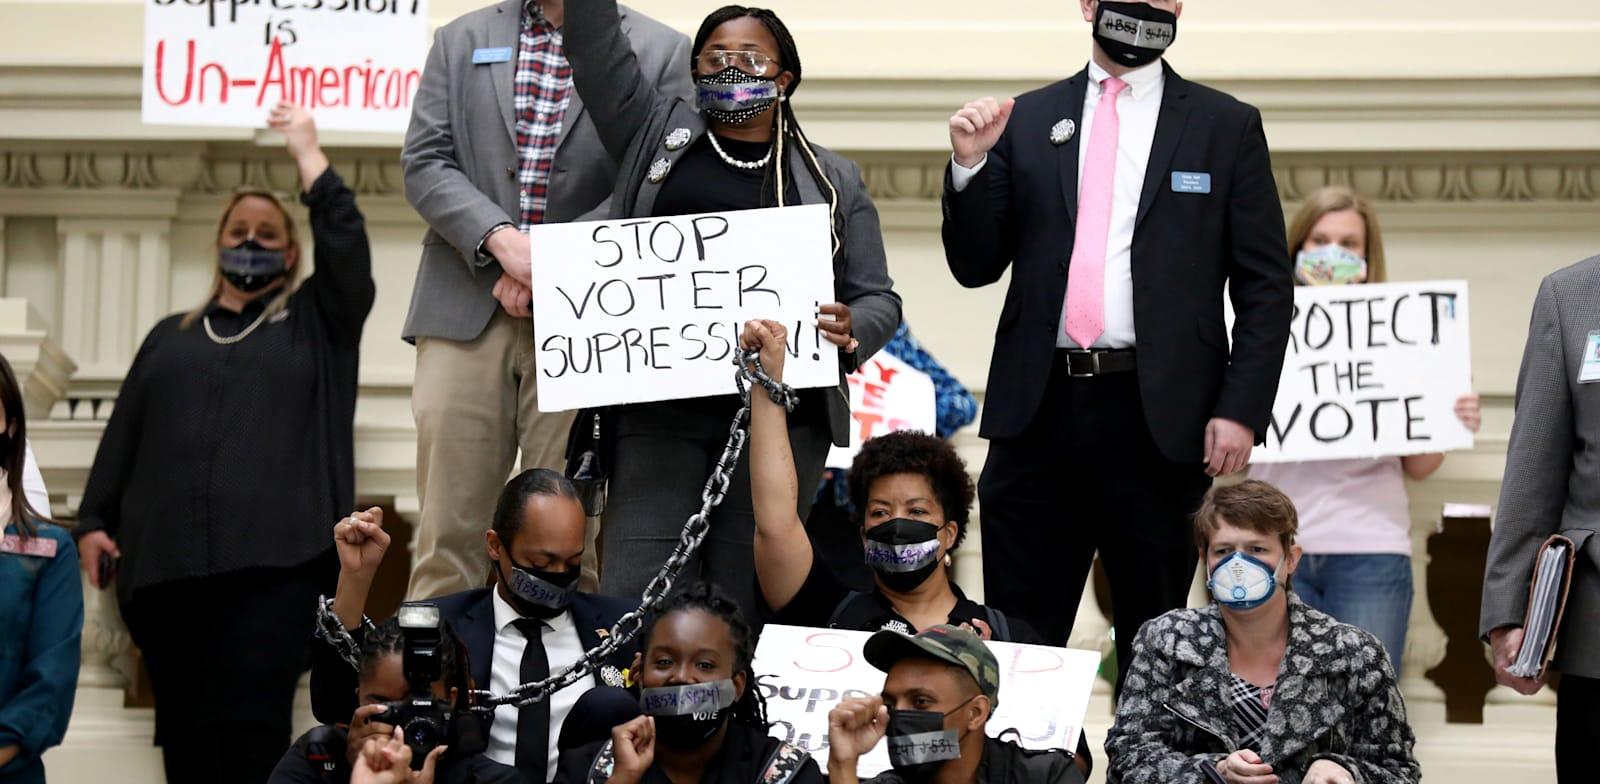 מוחים על מדרגות בית הנבחרים בג'ורג'יה נגד החוק שמגביל את ההצבעה, מרץ / צילום: Reuters, DUSTIN CHAMBERS